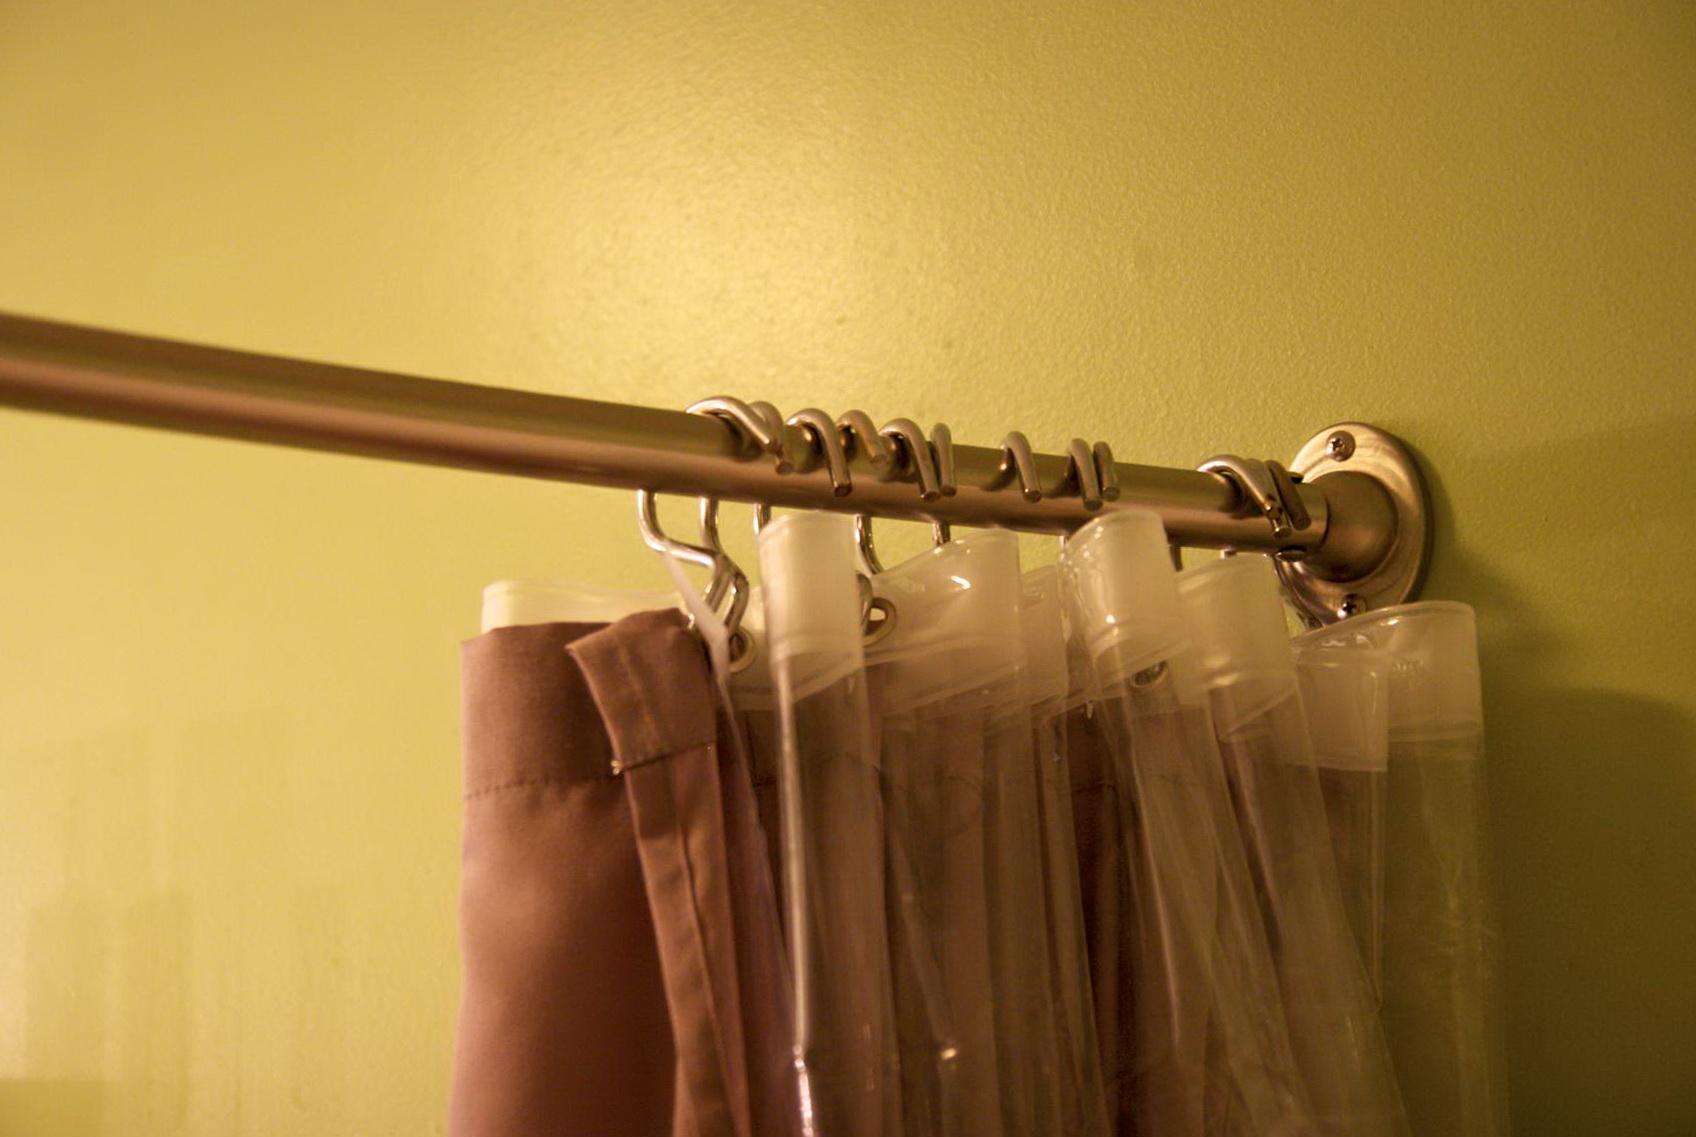 Curtain Rod Installation Tips